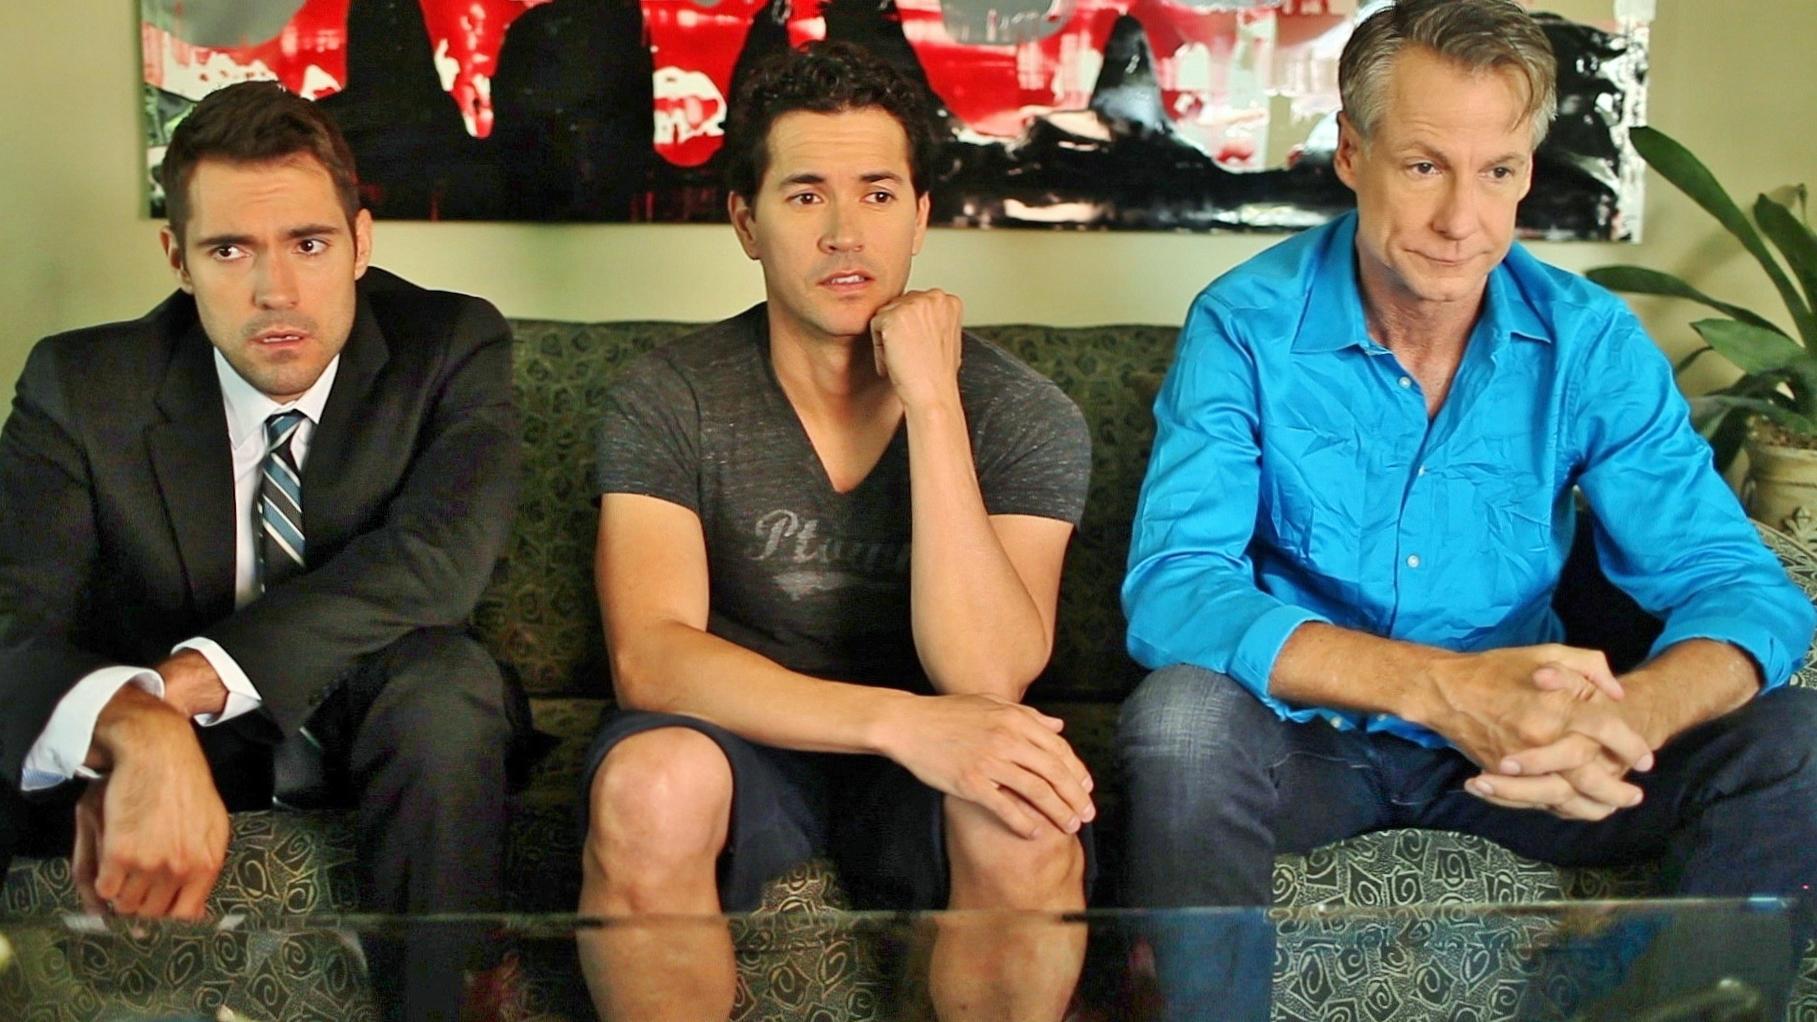 """Michael Nicklin as Jacob with Benjamin Lutz and Eric Dean in """"The Men Next Door"""""""